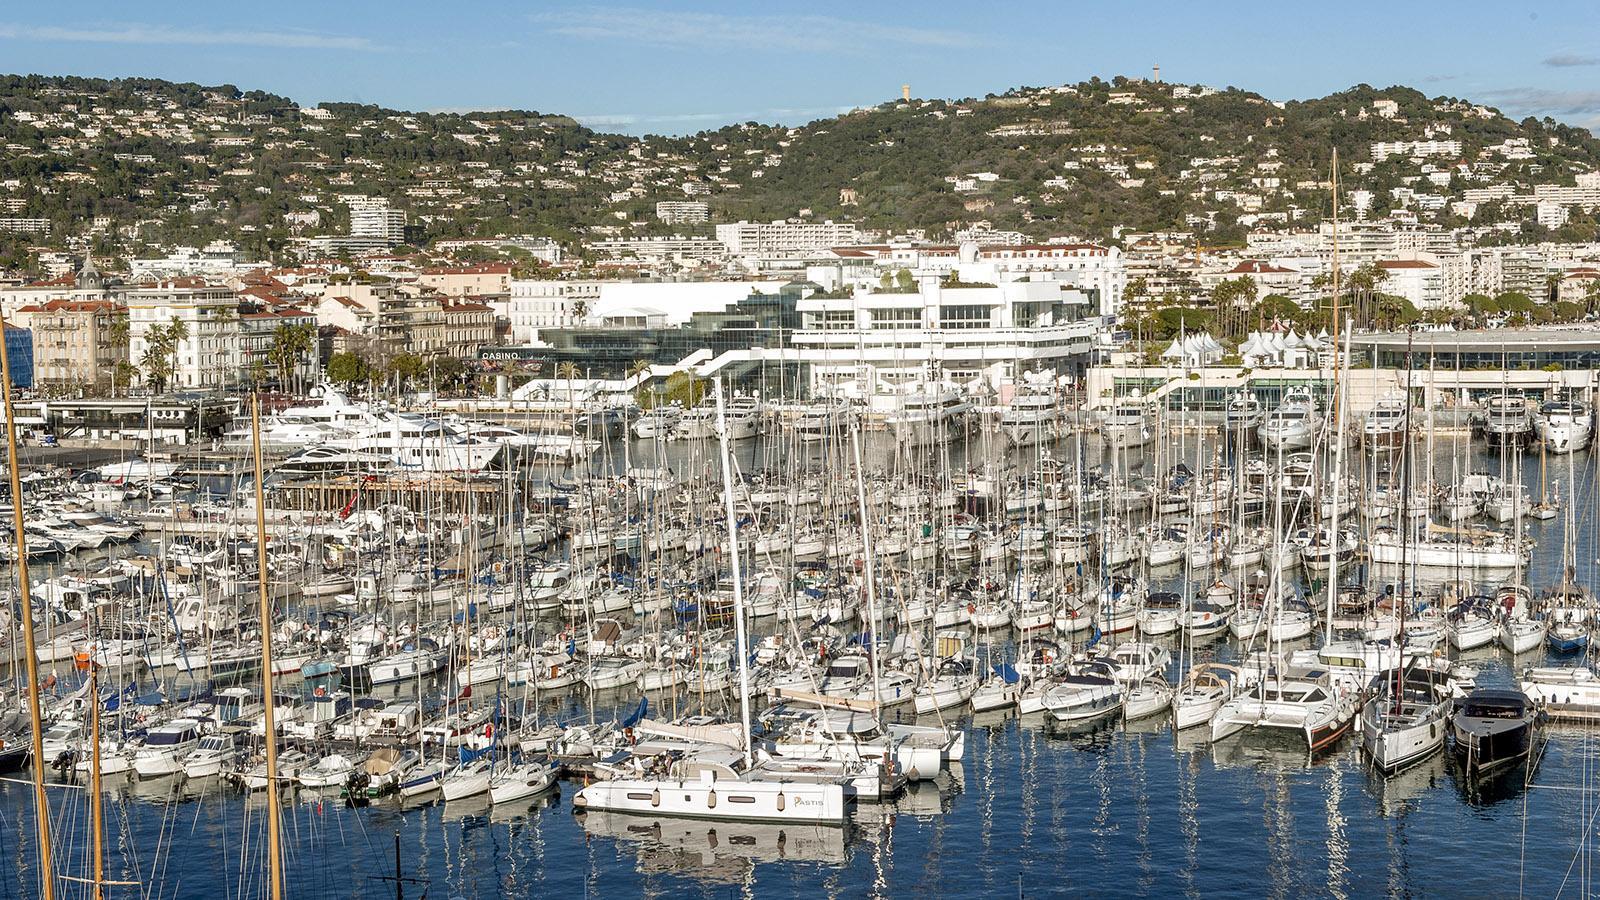 Der Jachthafen von Cannes. Foto: Hilke Maunder